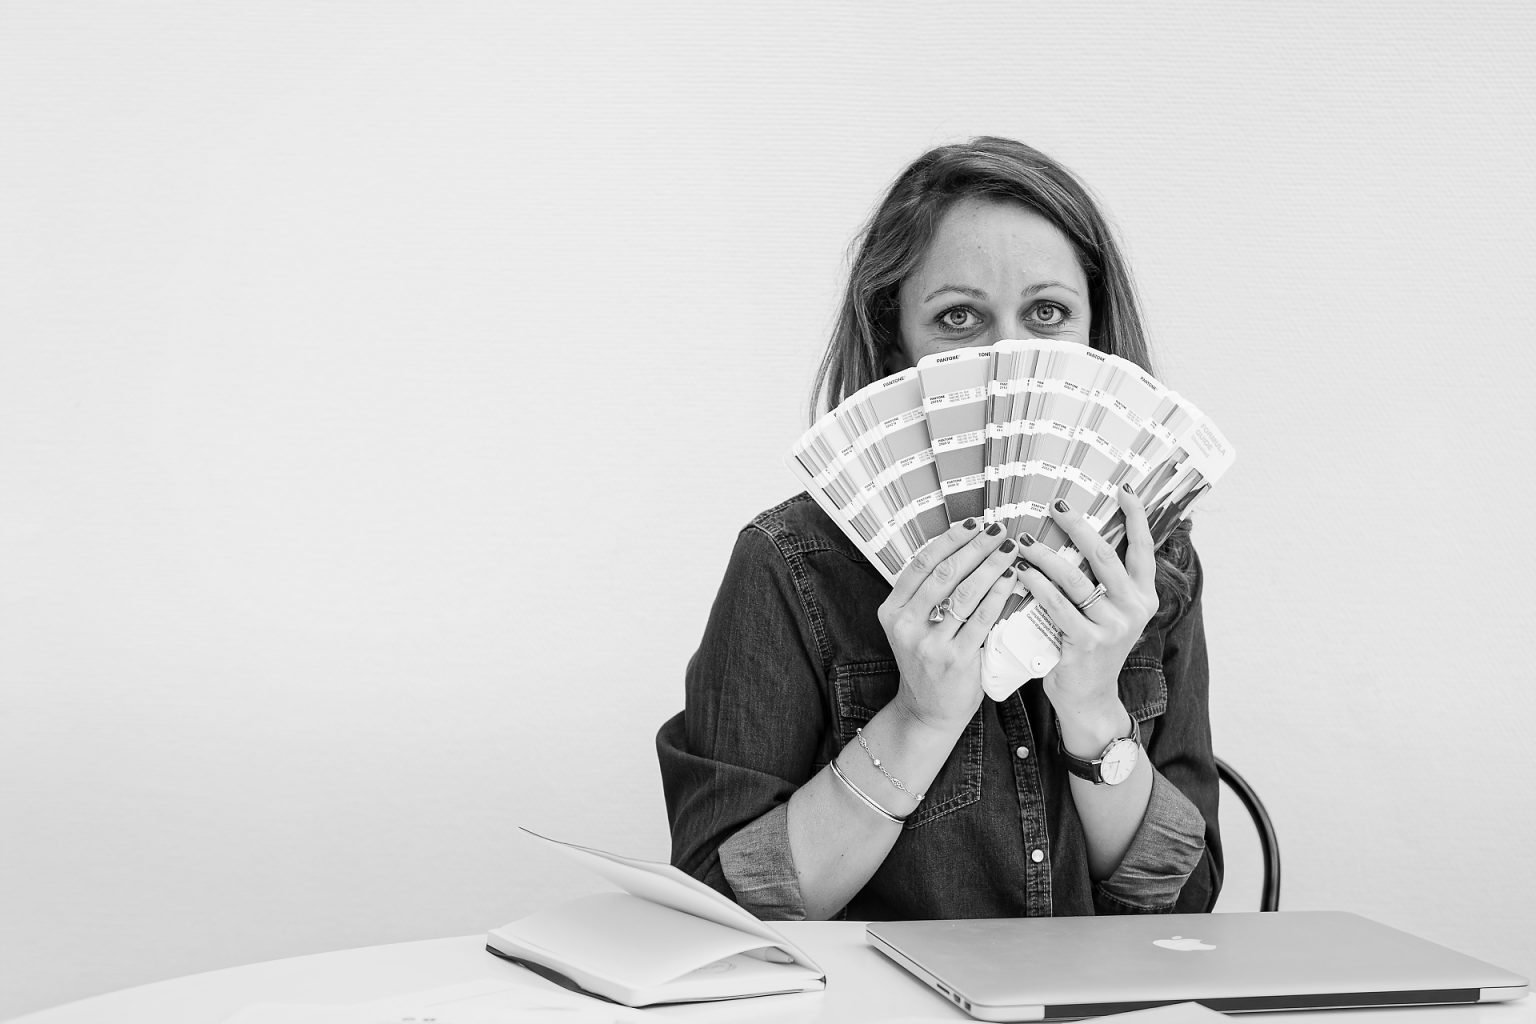 Eléonore Camaret jouant avec les Pantone, Portrait part Aurore Delsoir photographe